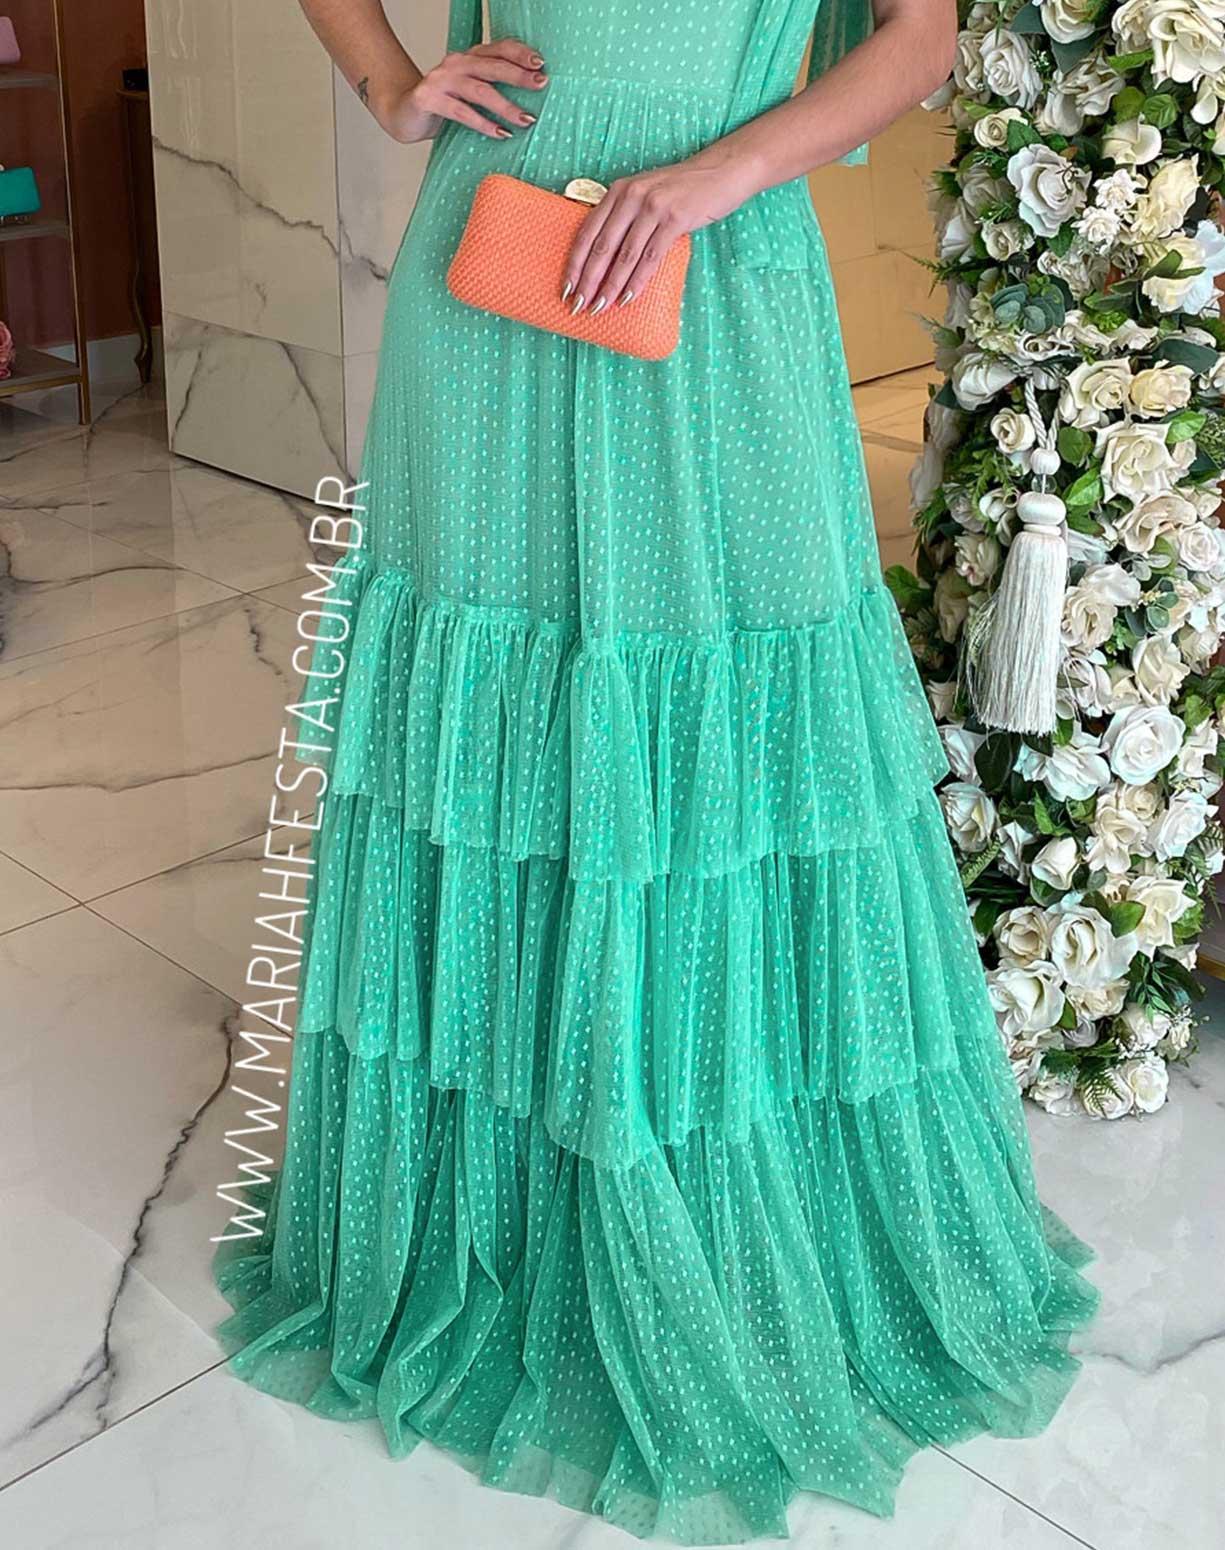 Vestido Verde Água em Tule Texturizado Com Alça de Amarrar